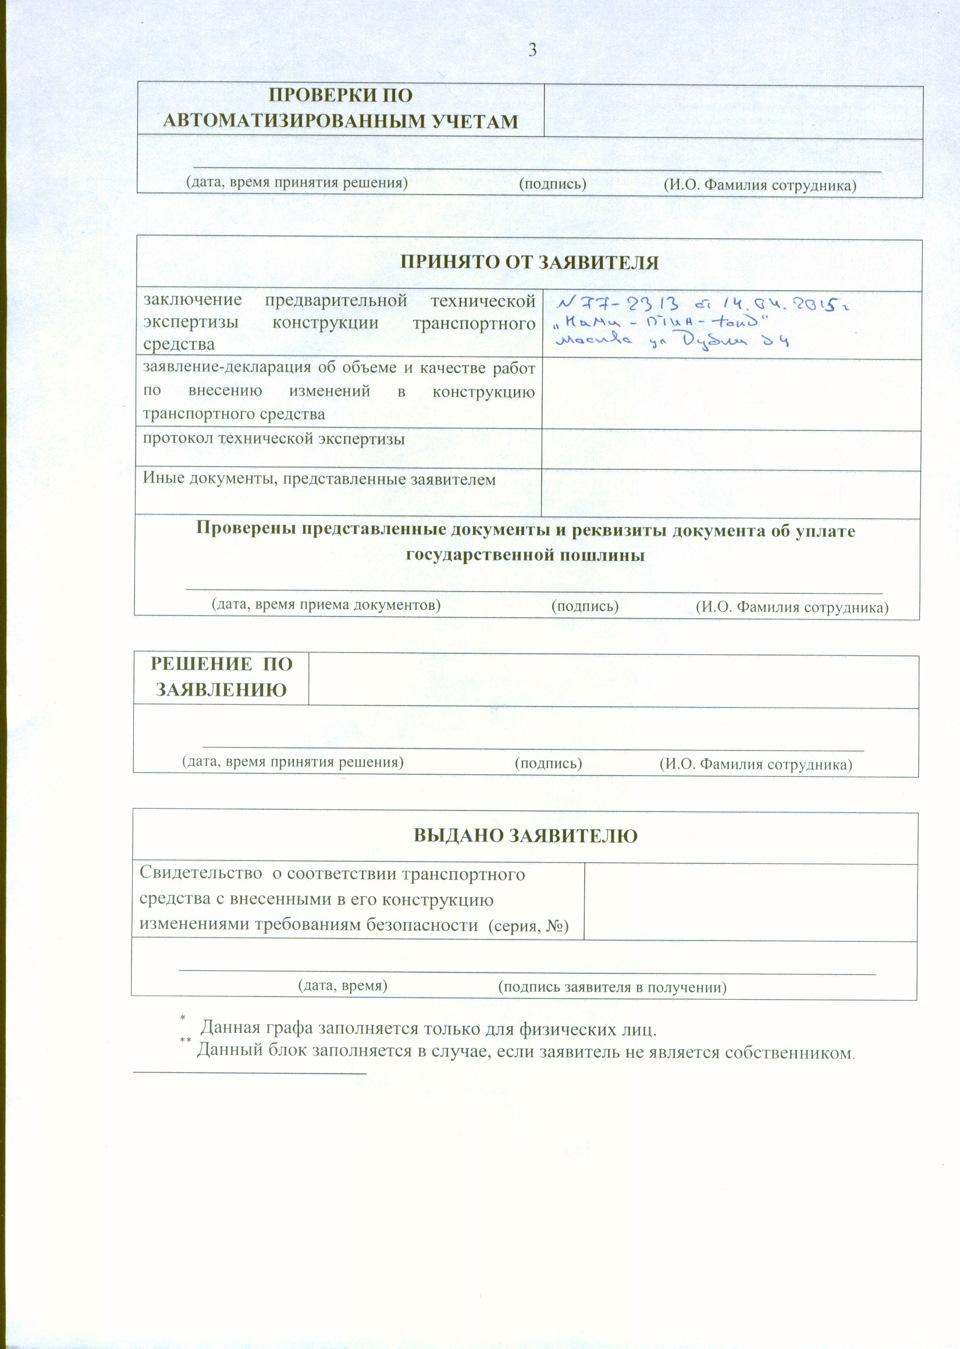 свидетельство о регистрации т/с бланк